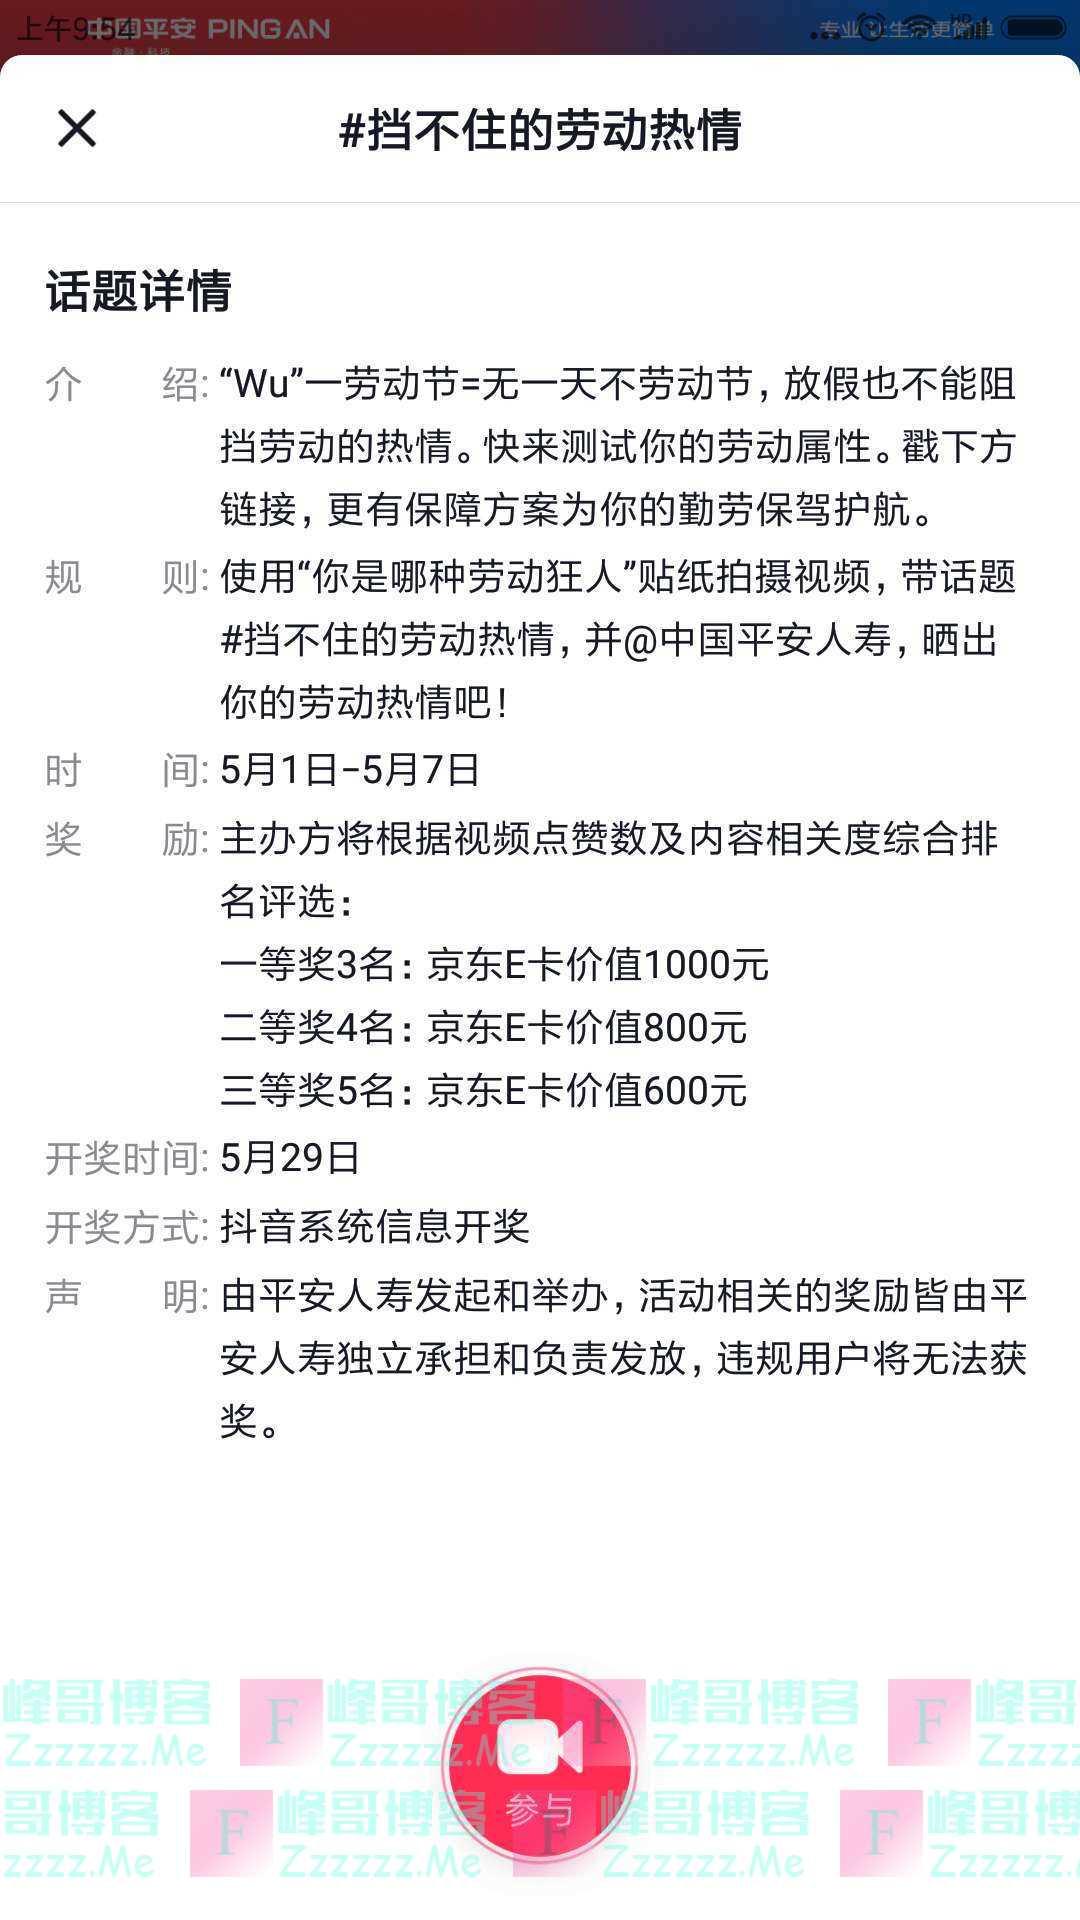 中国平安人寿挡不住的劳动热情(截止5月7日)